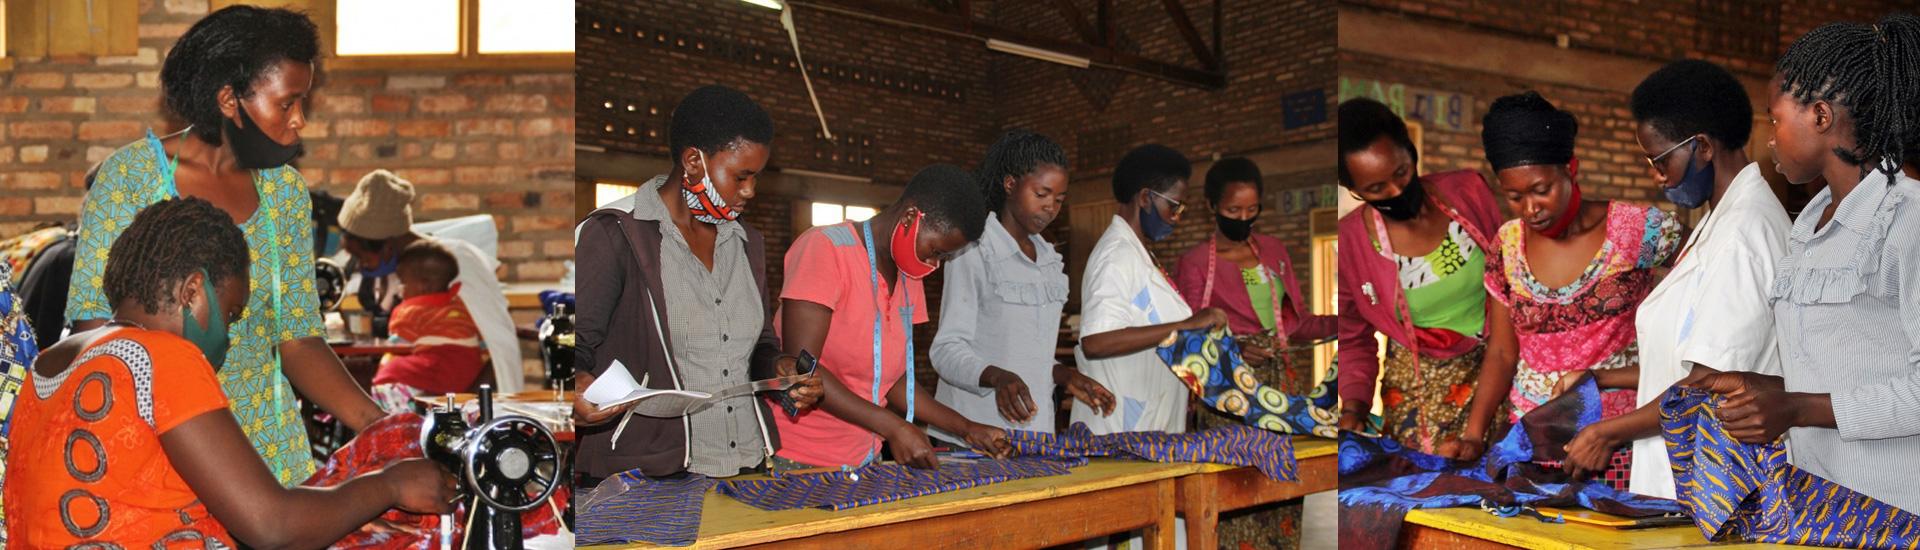 Madres solteras emprendedoras en Ruago (Ruanda) gracias a los talleres de formación como modistas